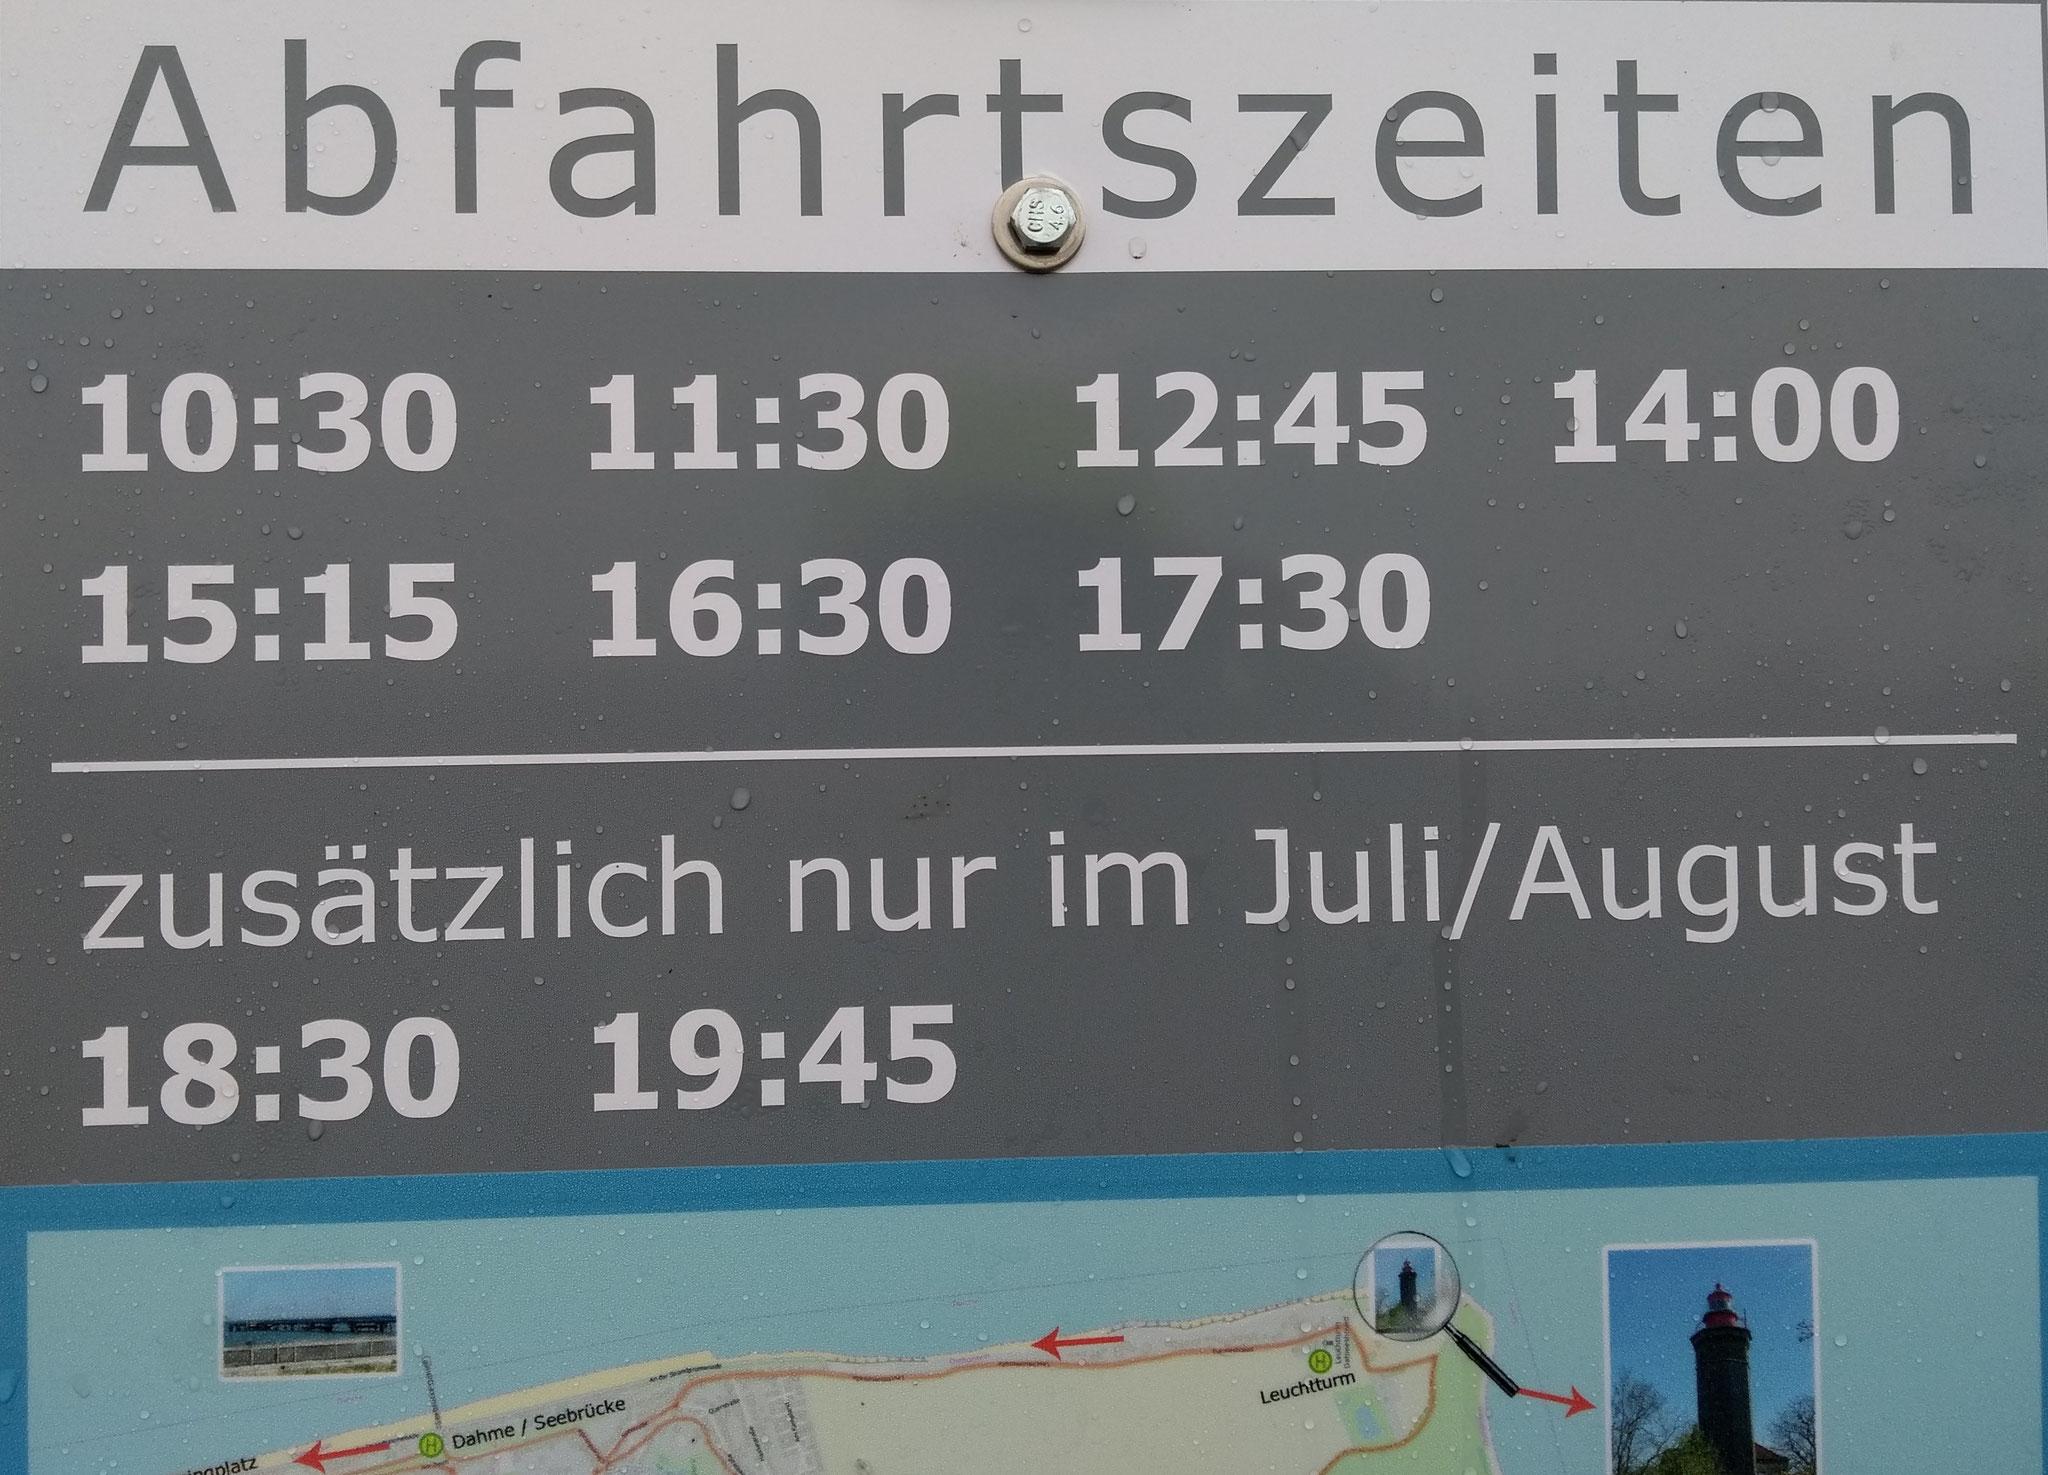 Die Abfahrtszeiten stehen an jeder Haltestelle